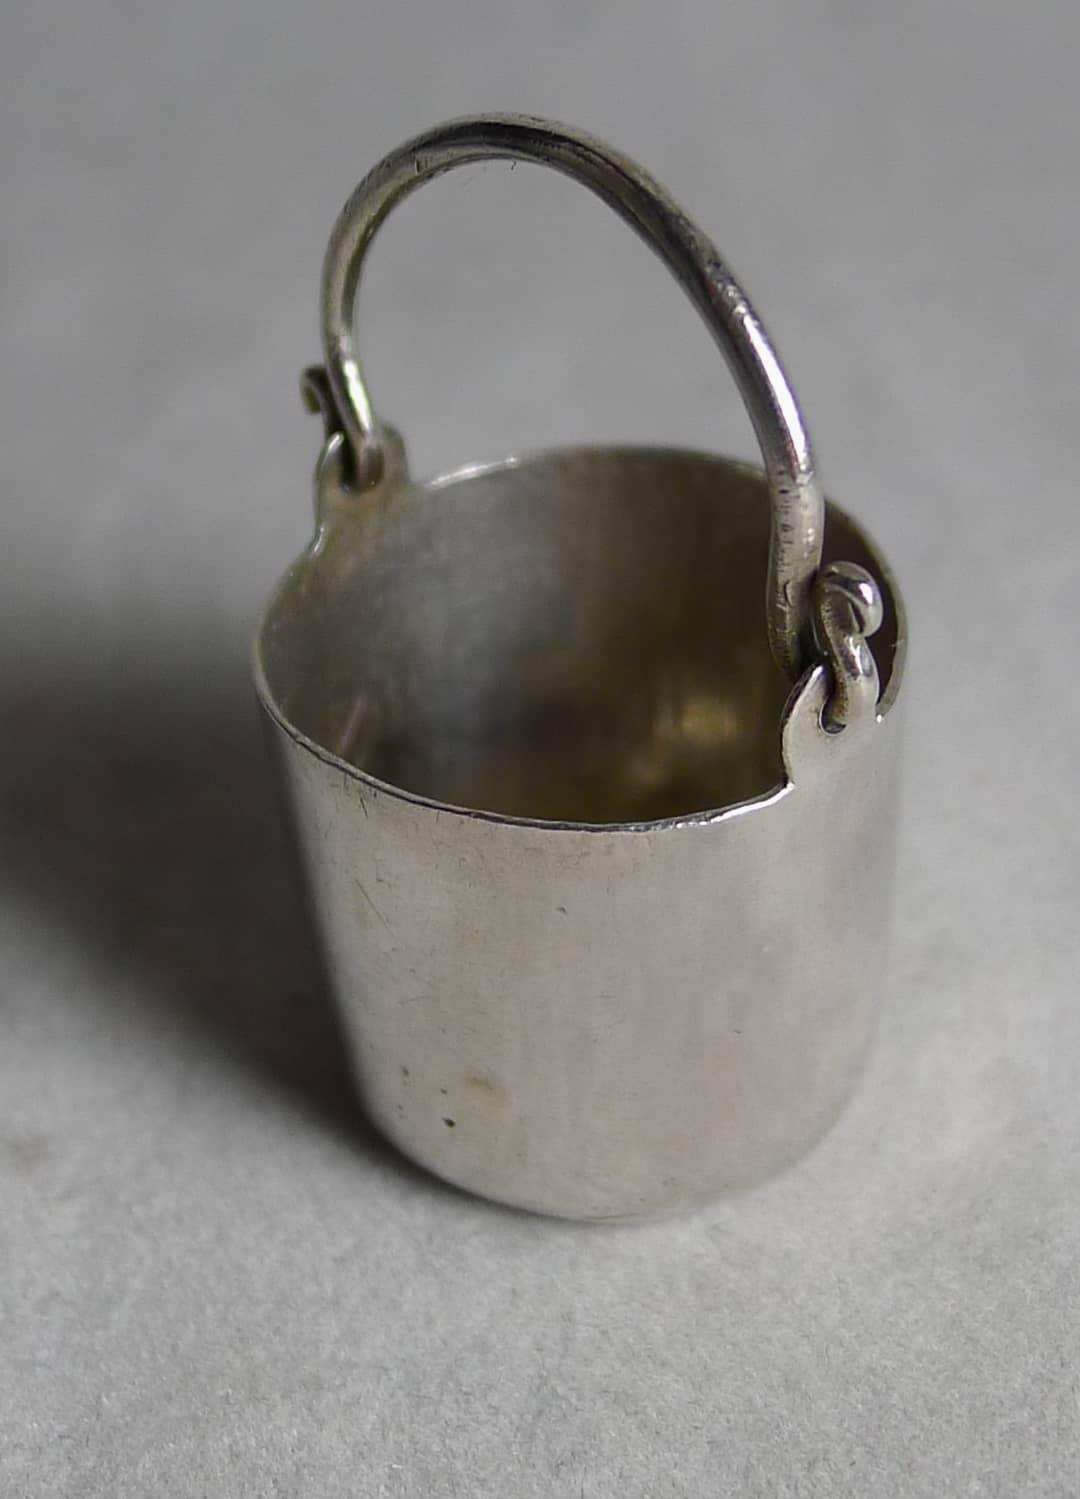 P1170143 - Miniatuur zilveren emmer